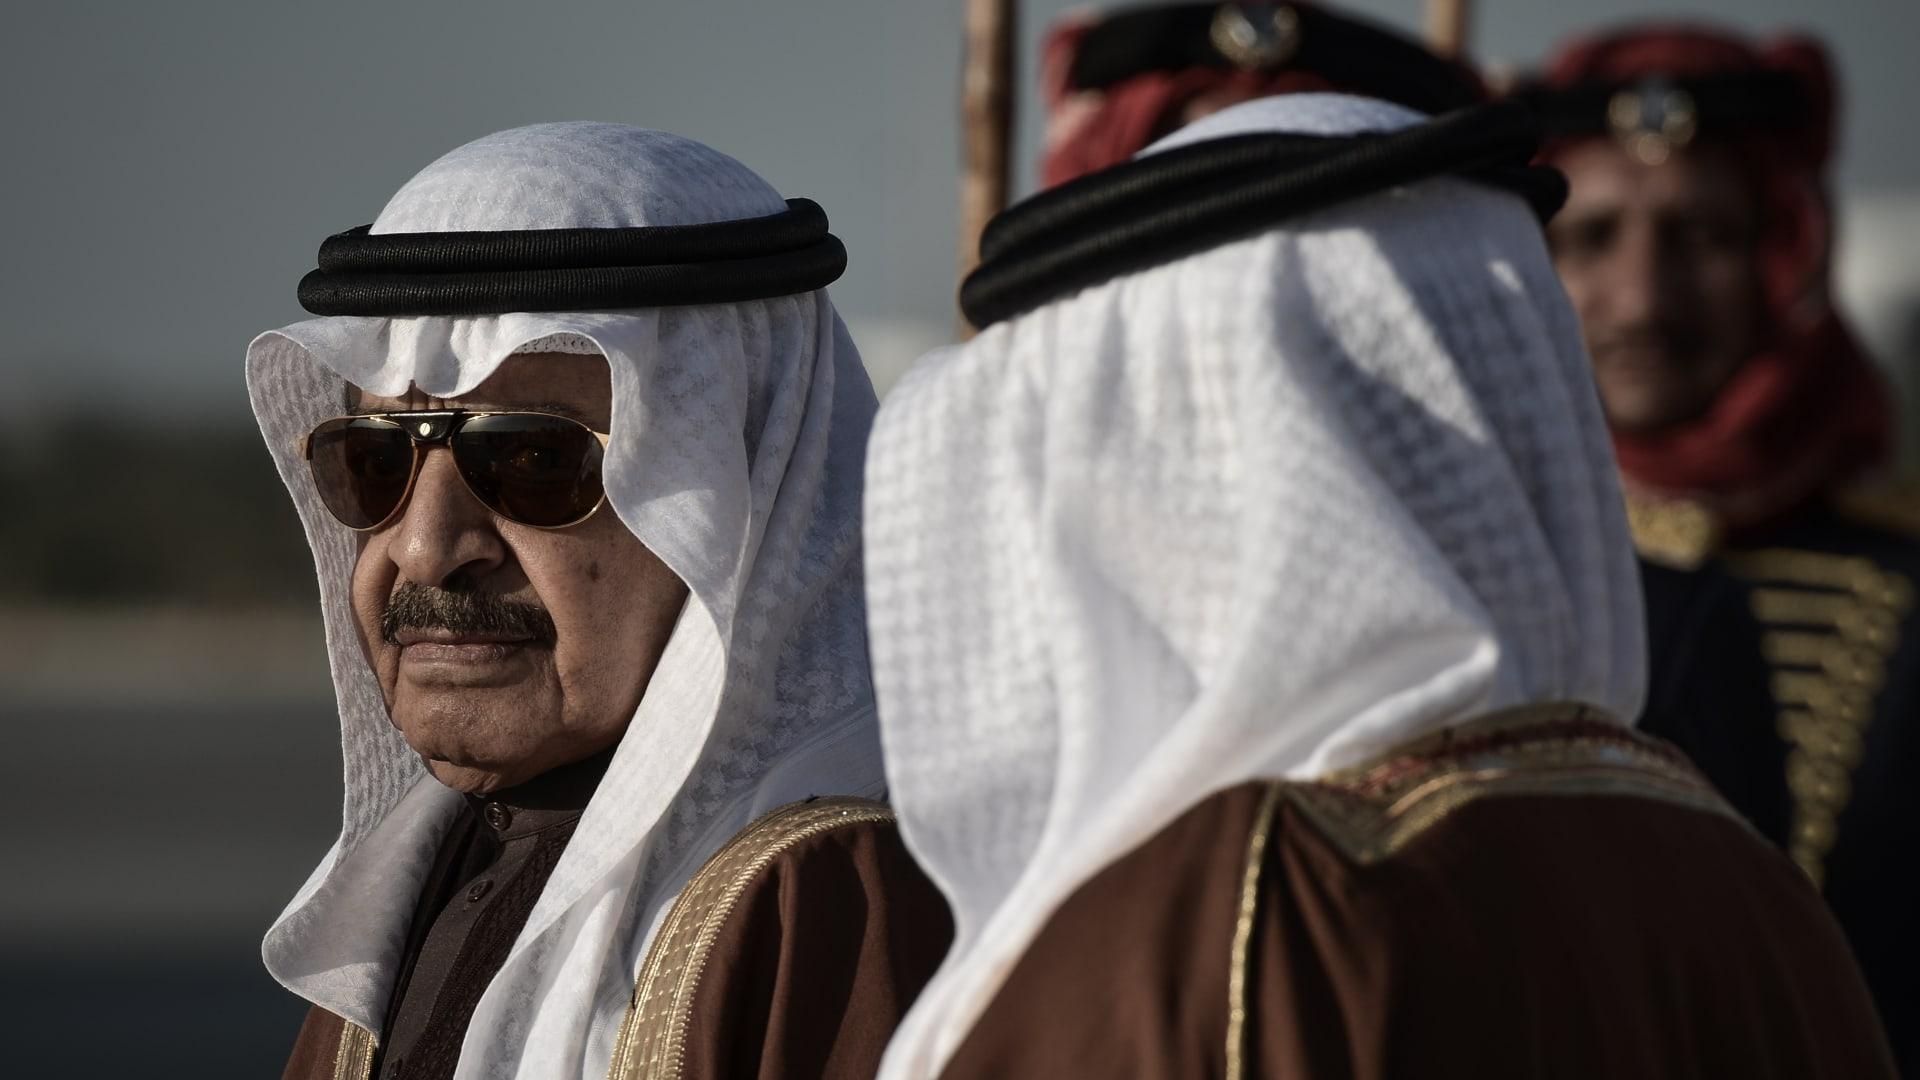 البحرين.. وفاة رئيس الوزراء خليفة بن سلمان آل خليفة في أمريكا عن عمر يناهز 84 عاما